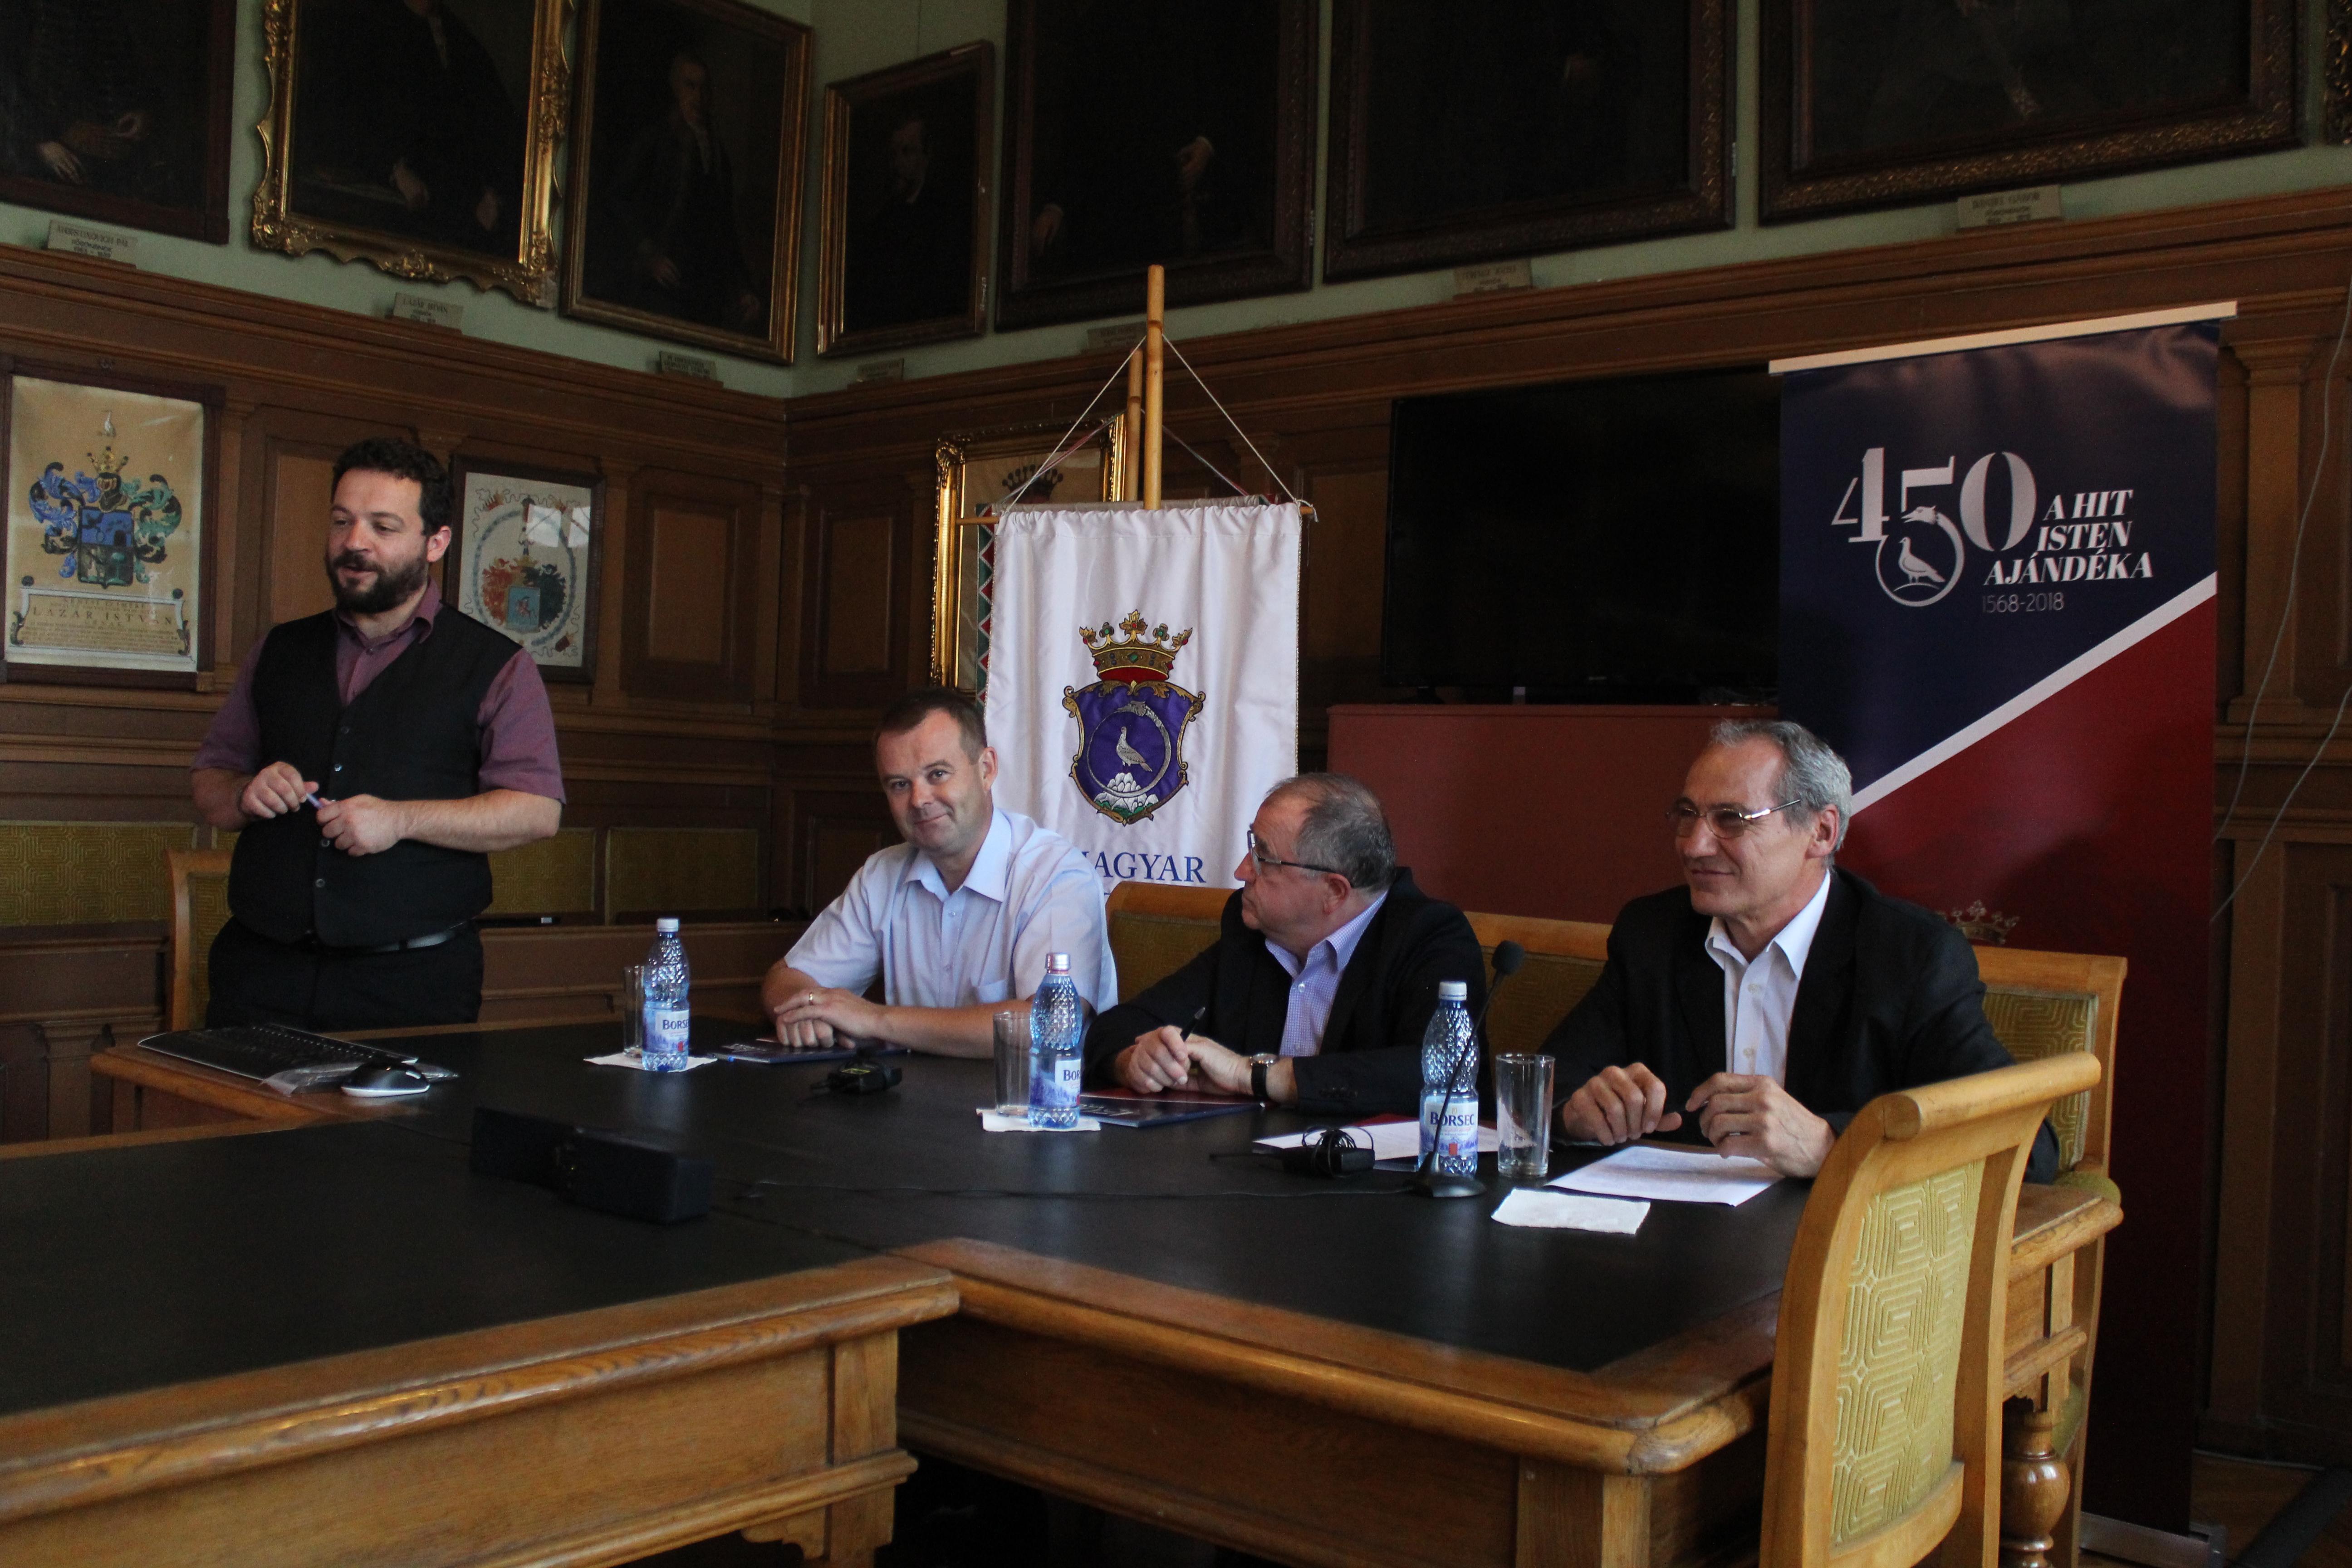 Sajtóközlemény: A Vallásszabadság Házának avatóünnepsége Kolozsváron